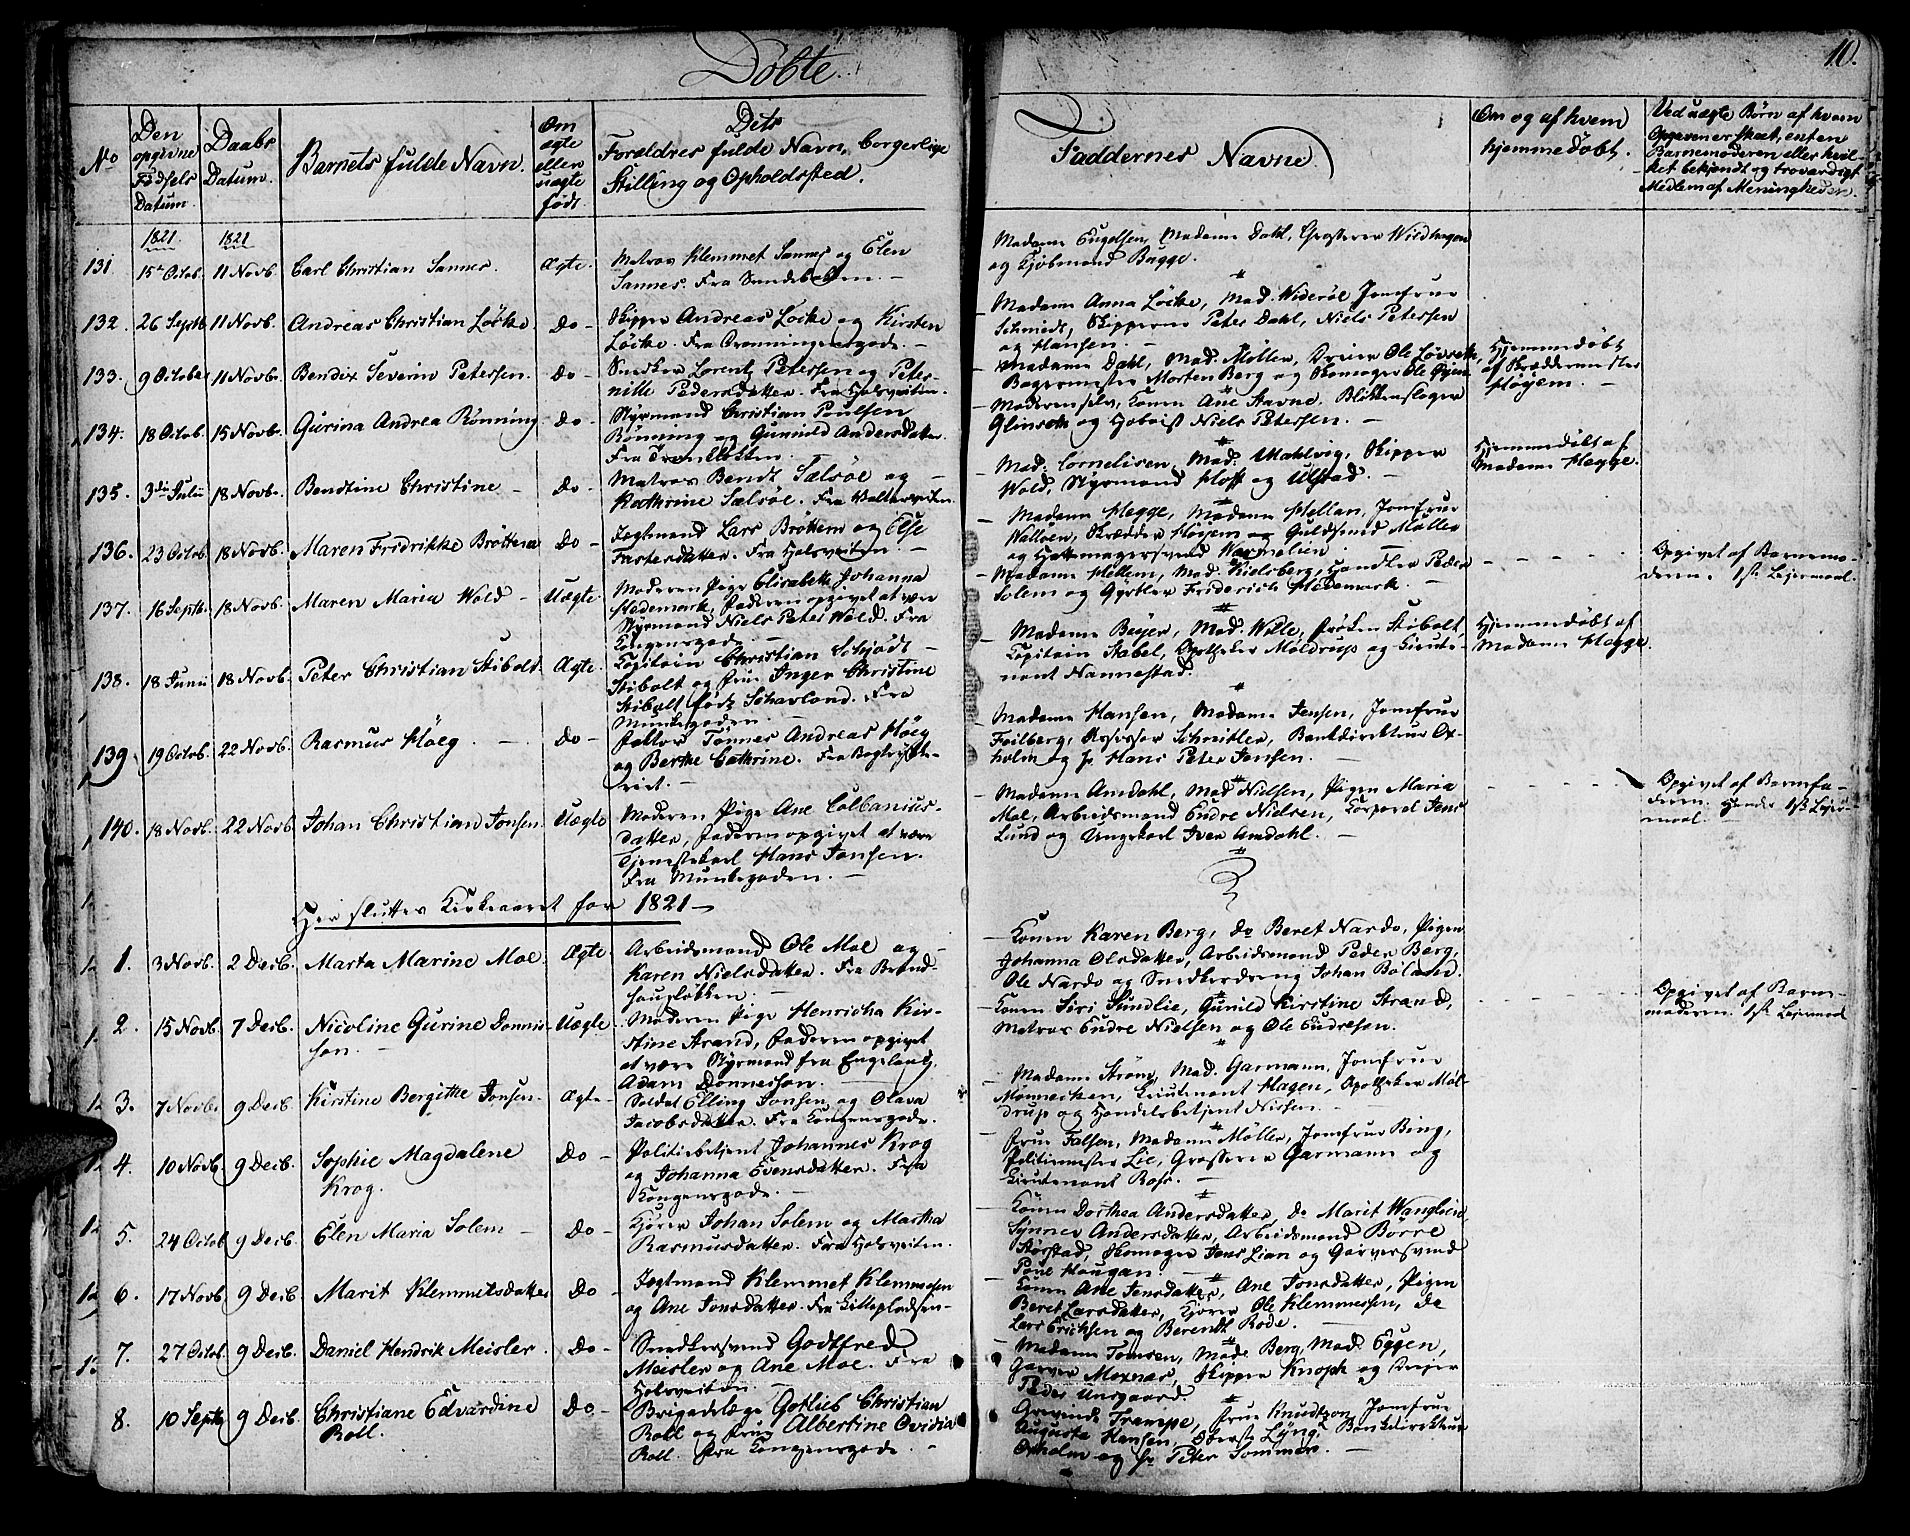 SAT, Ministerialprotokoller, klokkerbøker og fødselsregistre - Sør-Trøndelag, 601/L0045: Ministerialbok nr. 601A13, 1821-1831, s. 10